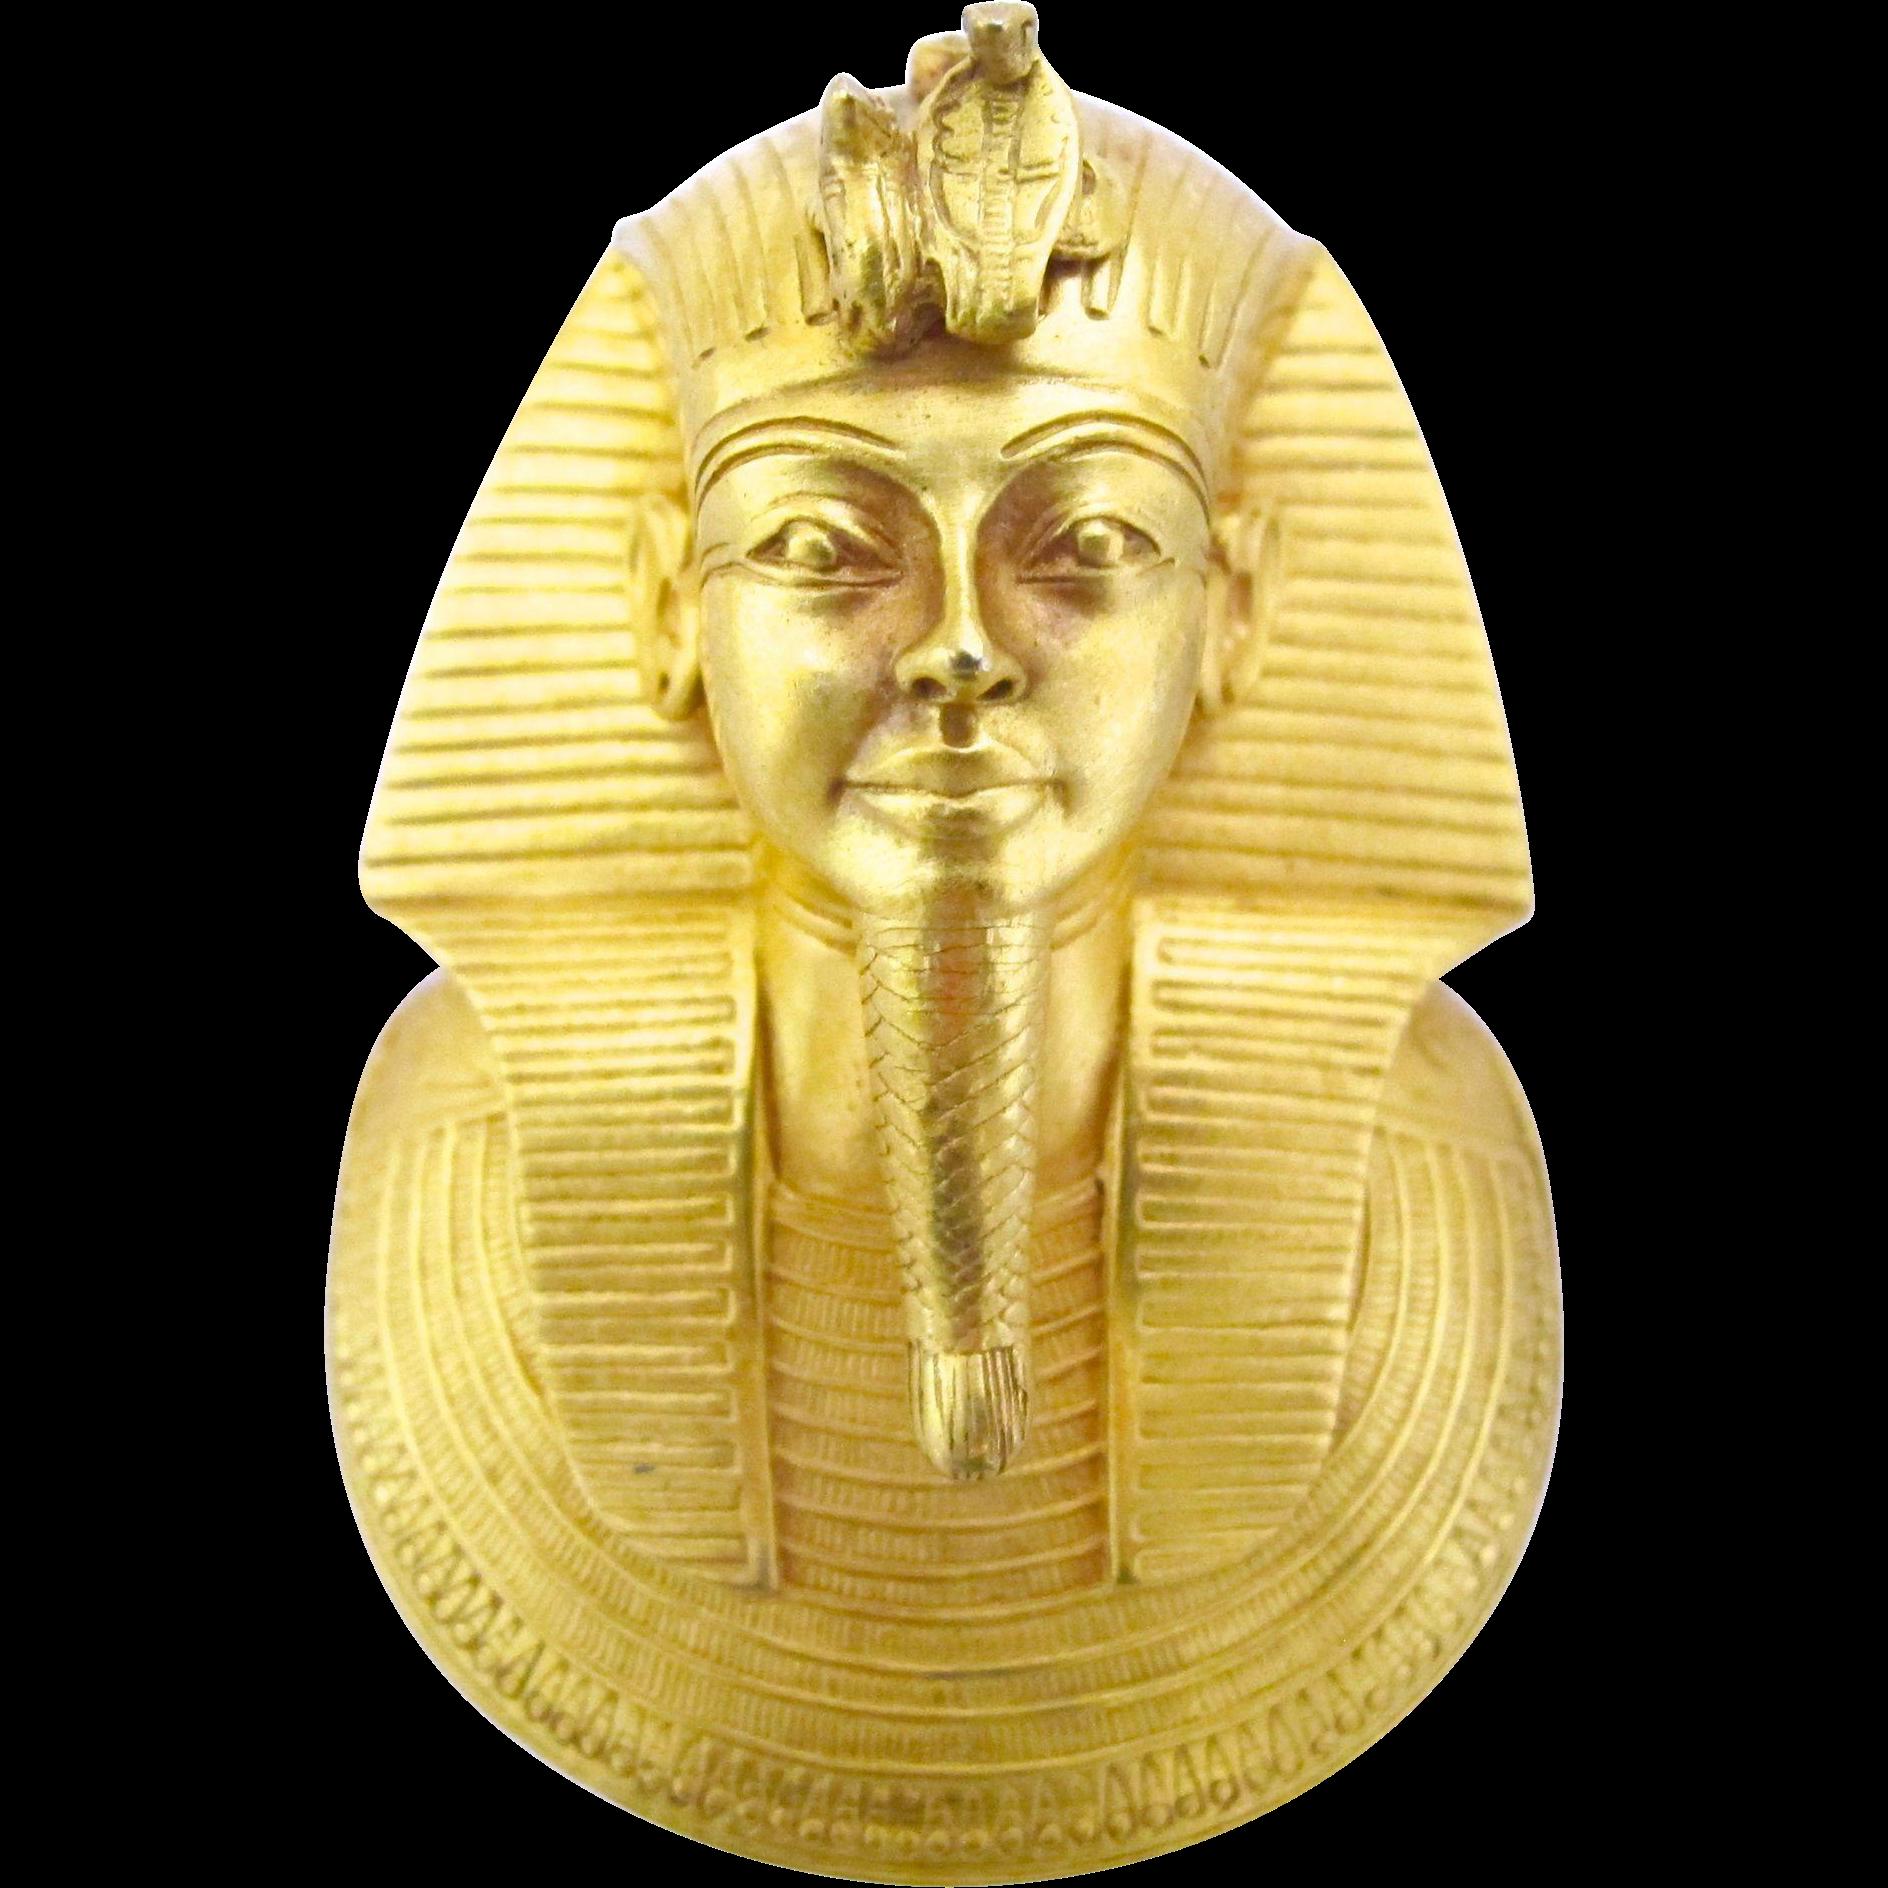 mma 1976 king tut death mask pendant from 2heartsjewelry